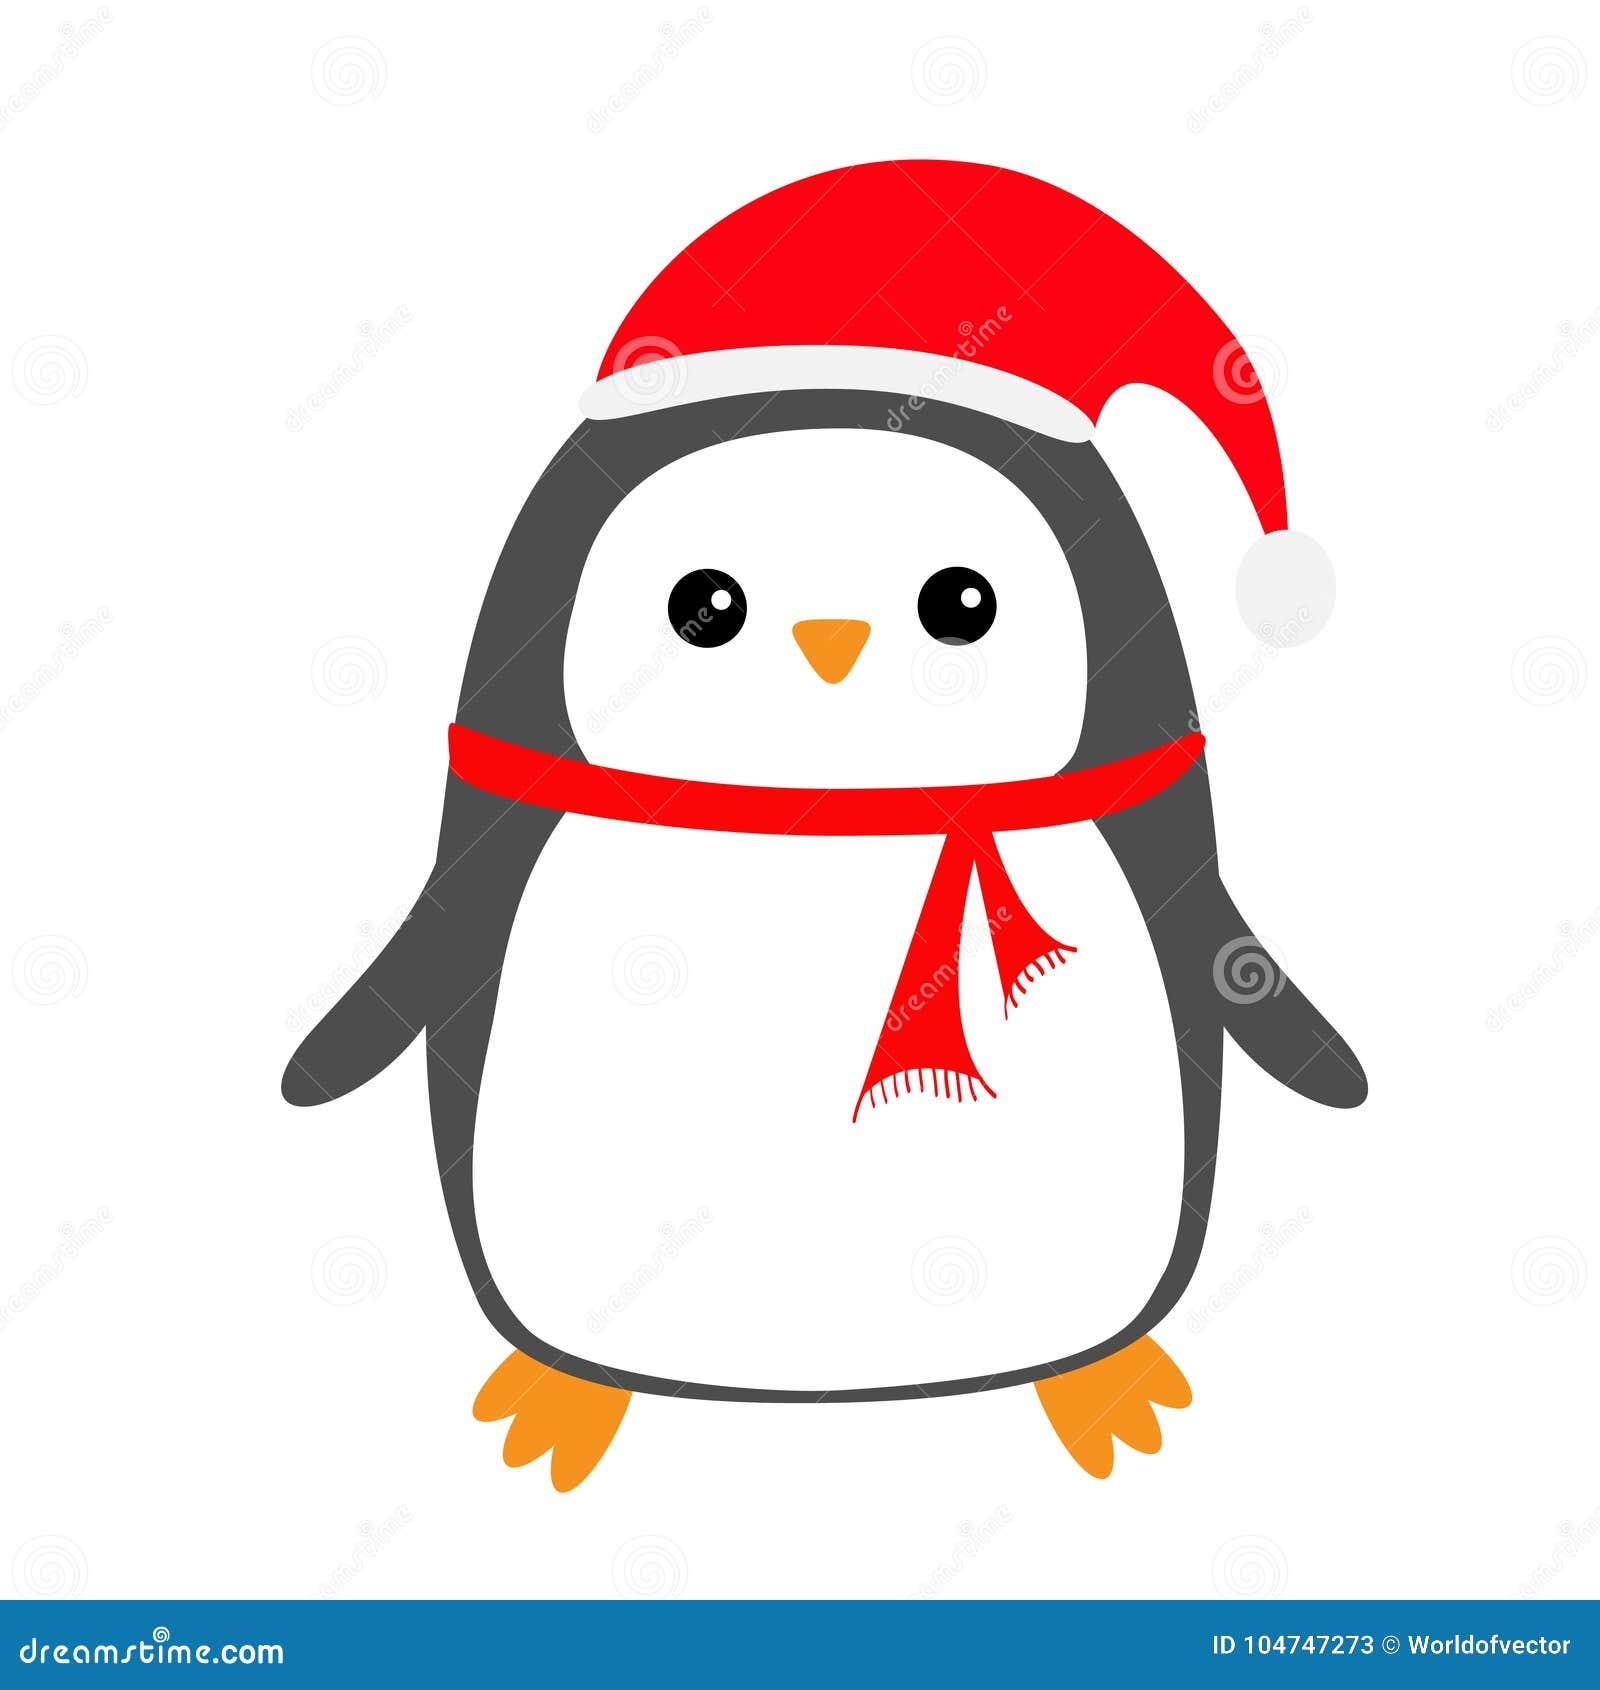 c701d8b77db6f Penguin Bird On Snowdrift. Red Santa Claus Hat